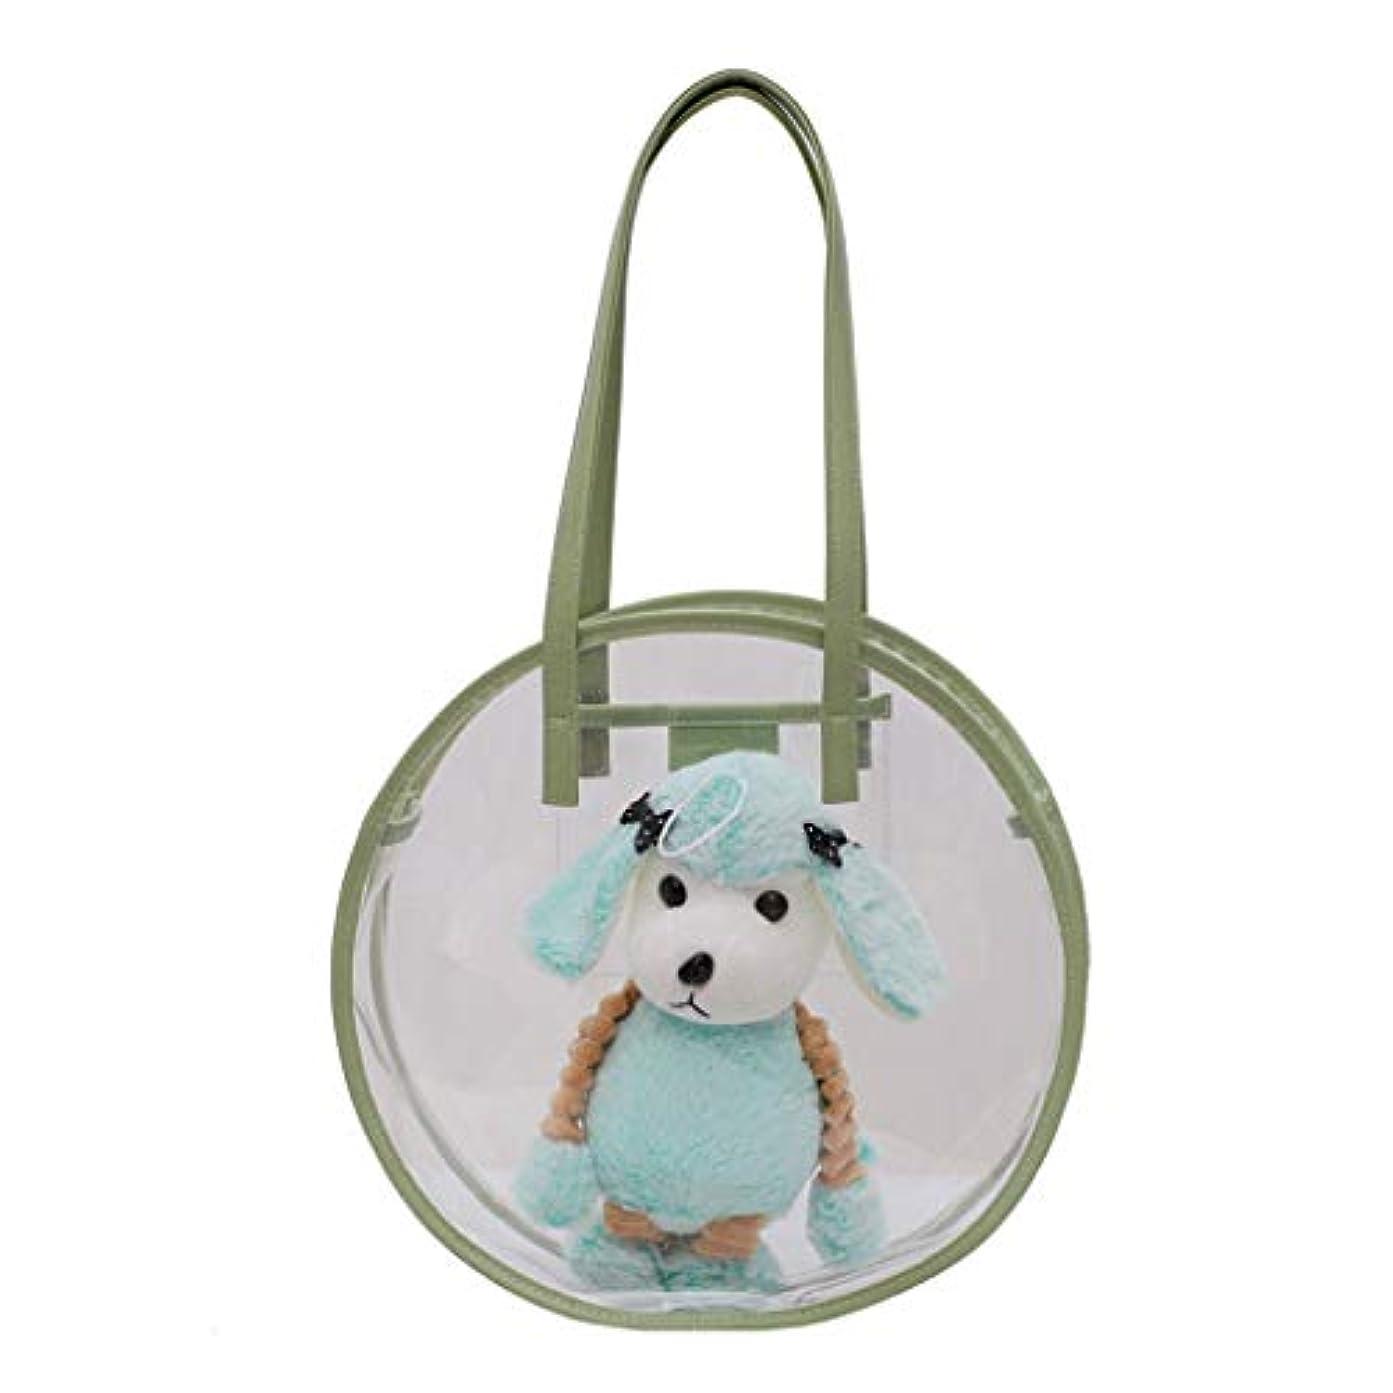 ウール北へ彼のかわいいファッション 犬の特徴 透明防水 ビーチバッグ ポータブル 透明化粧品バッグ 旅行用メイクポーチ ジッパー 防水 トートバッグ 取り外し可能 調整 33X9X33cm 3色